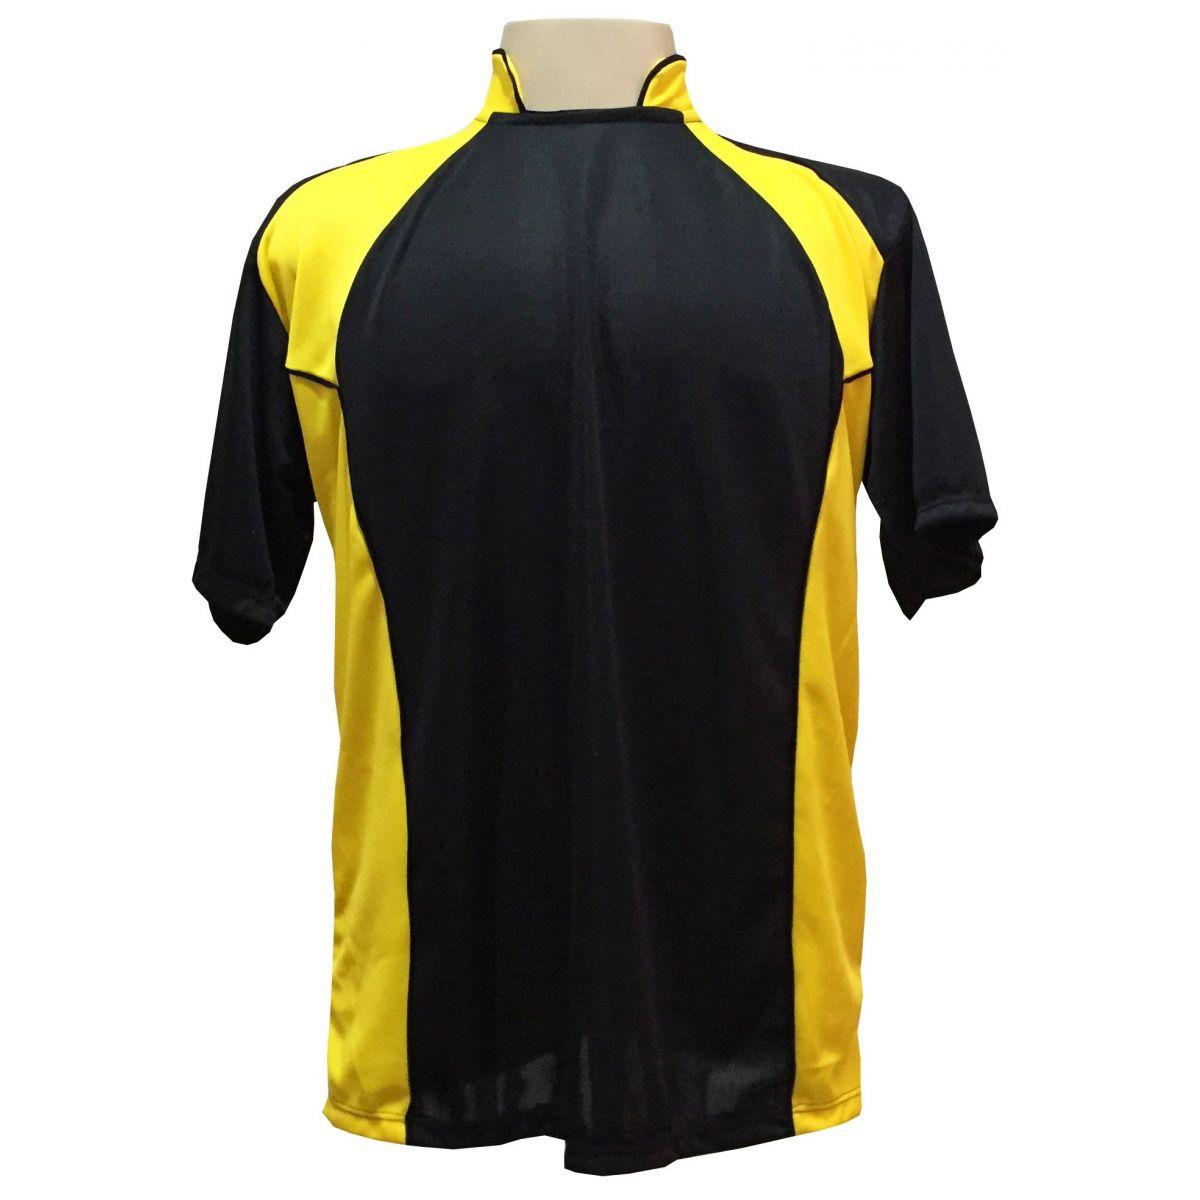 Uniforme Esportivo com 14 camisas modelo Suécia Preto/Amarelo + 14 calções modelo Madrid Preto + 14 pares de meiões Amarelo